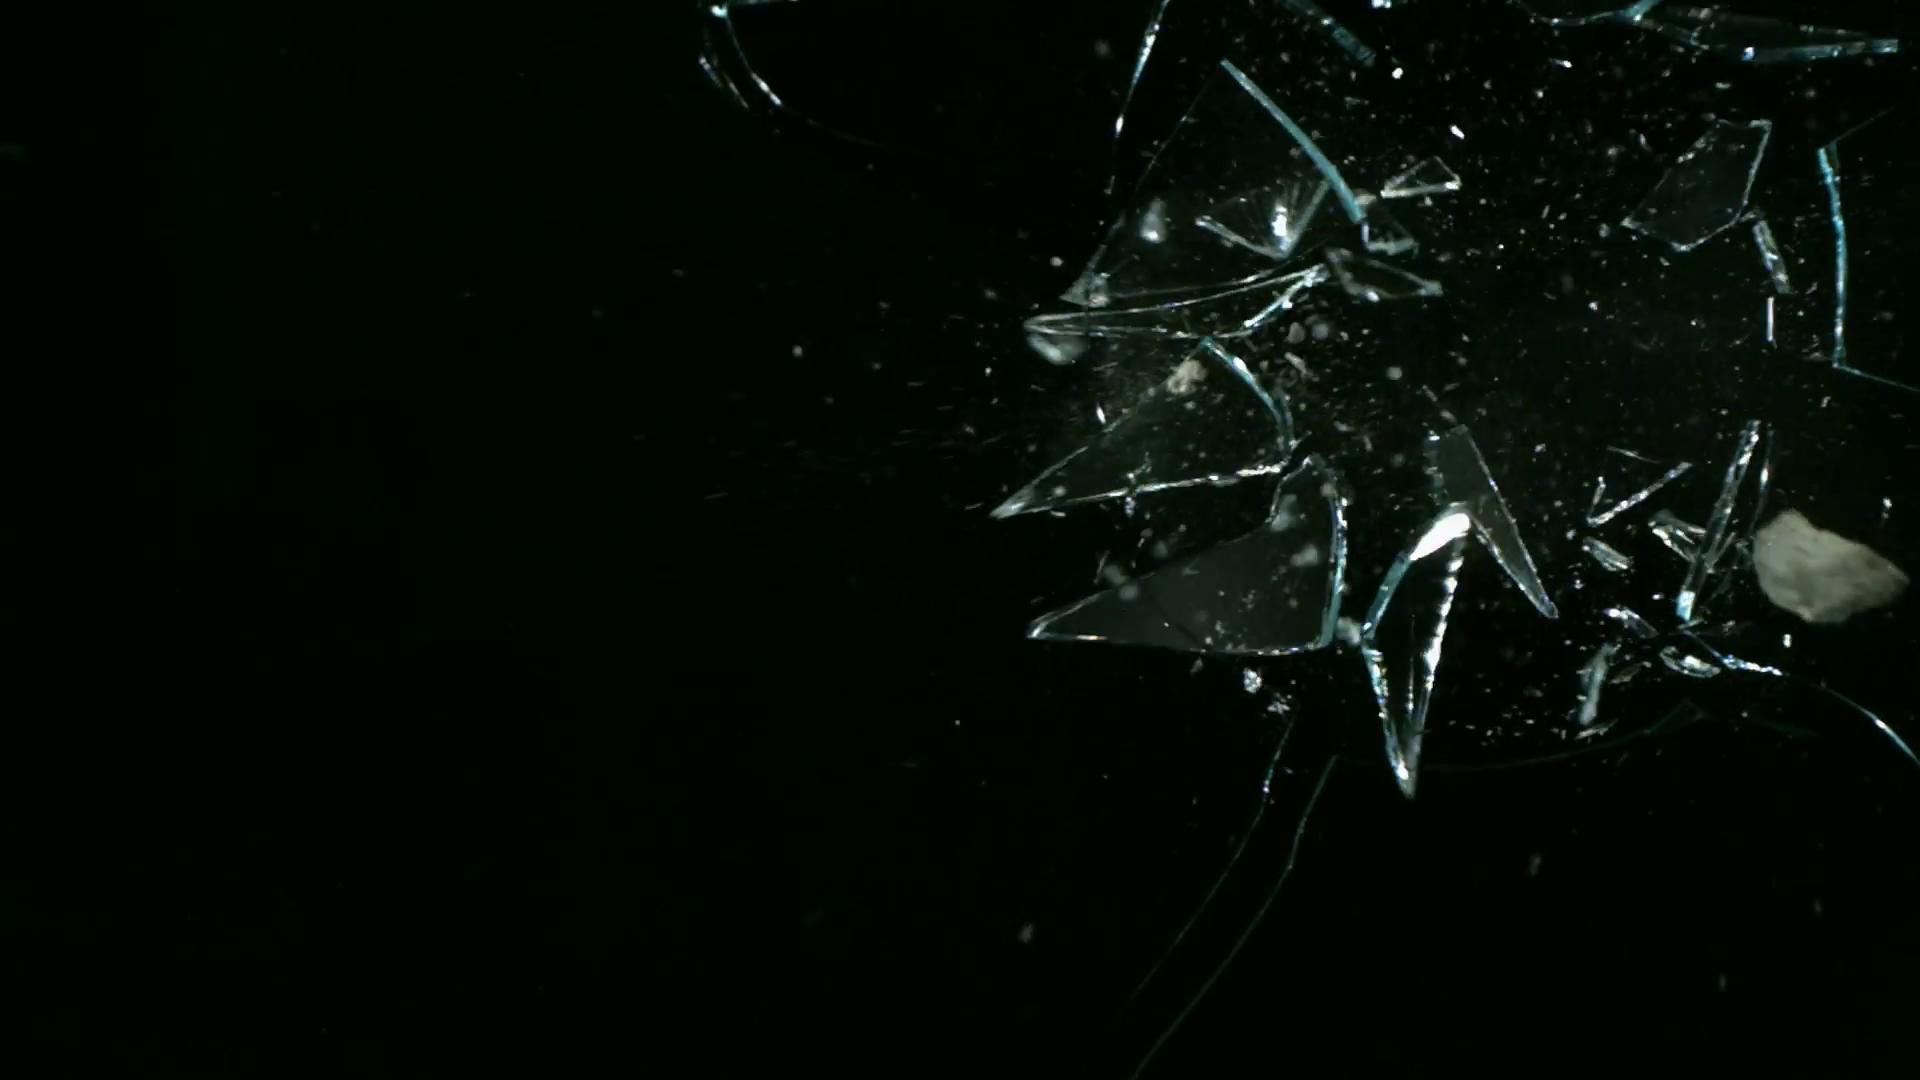 Alpha Channel Glass Breaking 3.